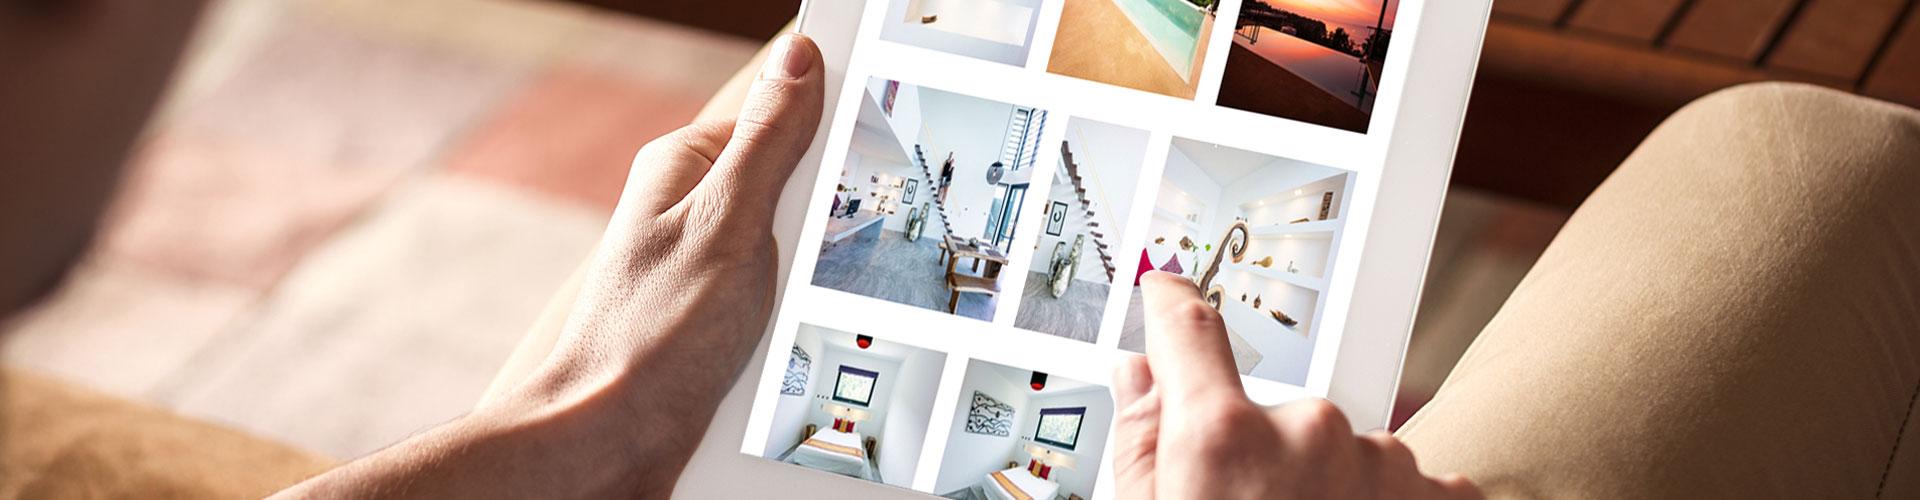 Holiday homes website design kent